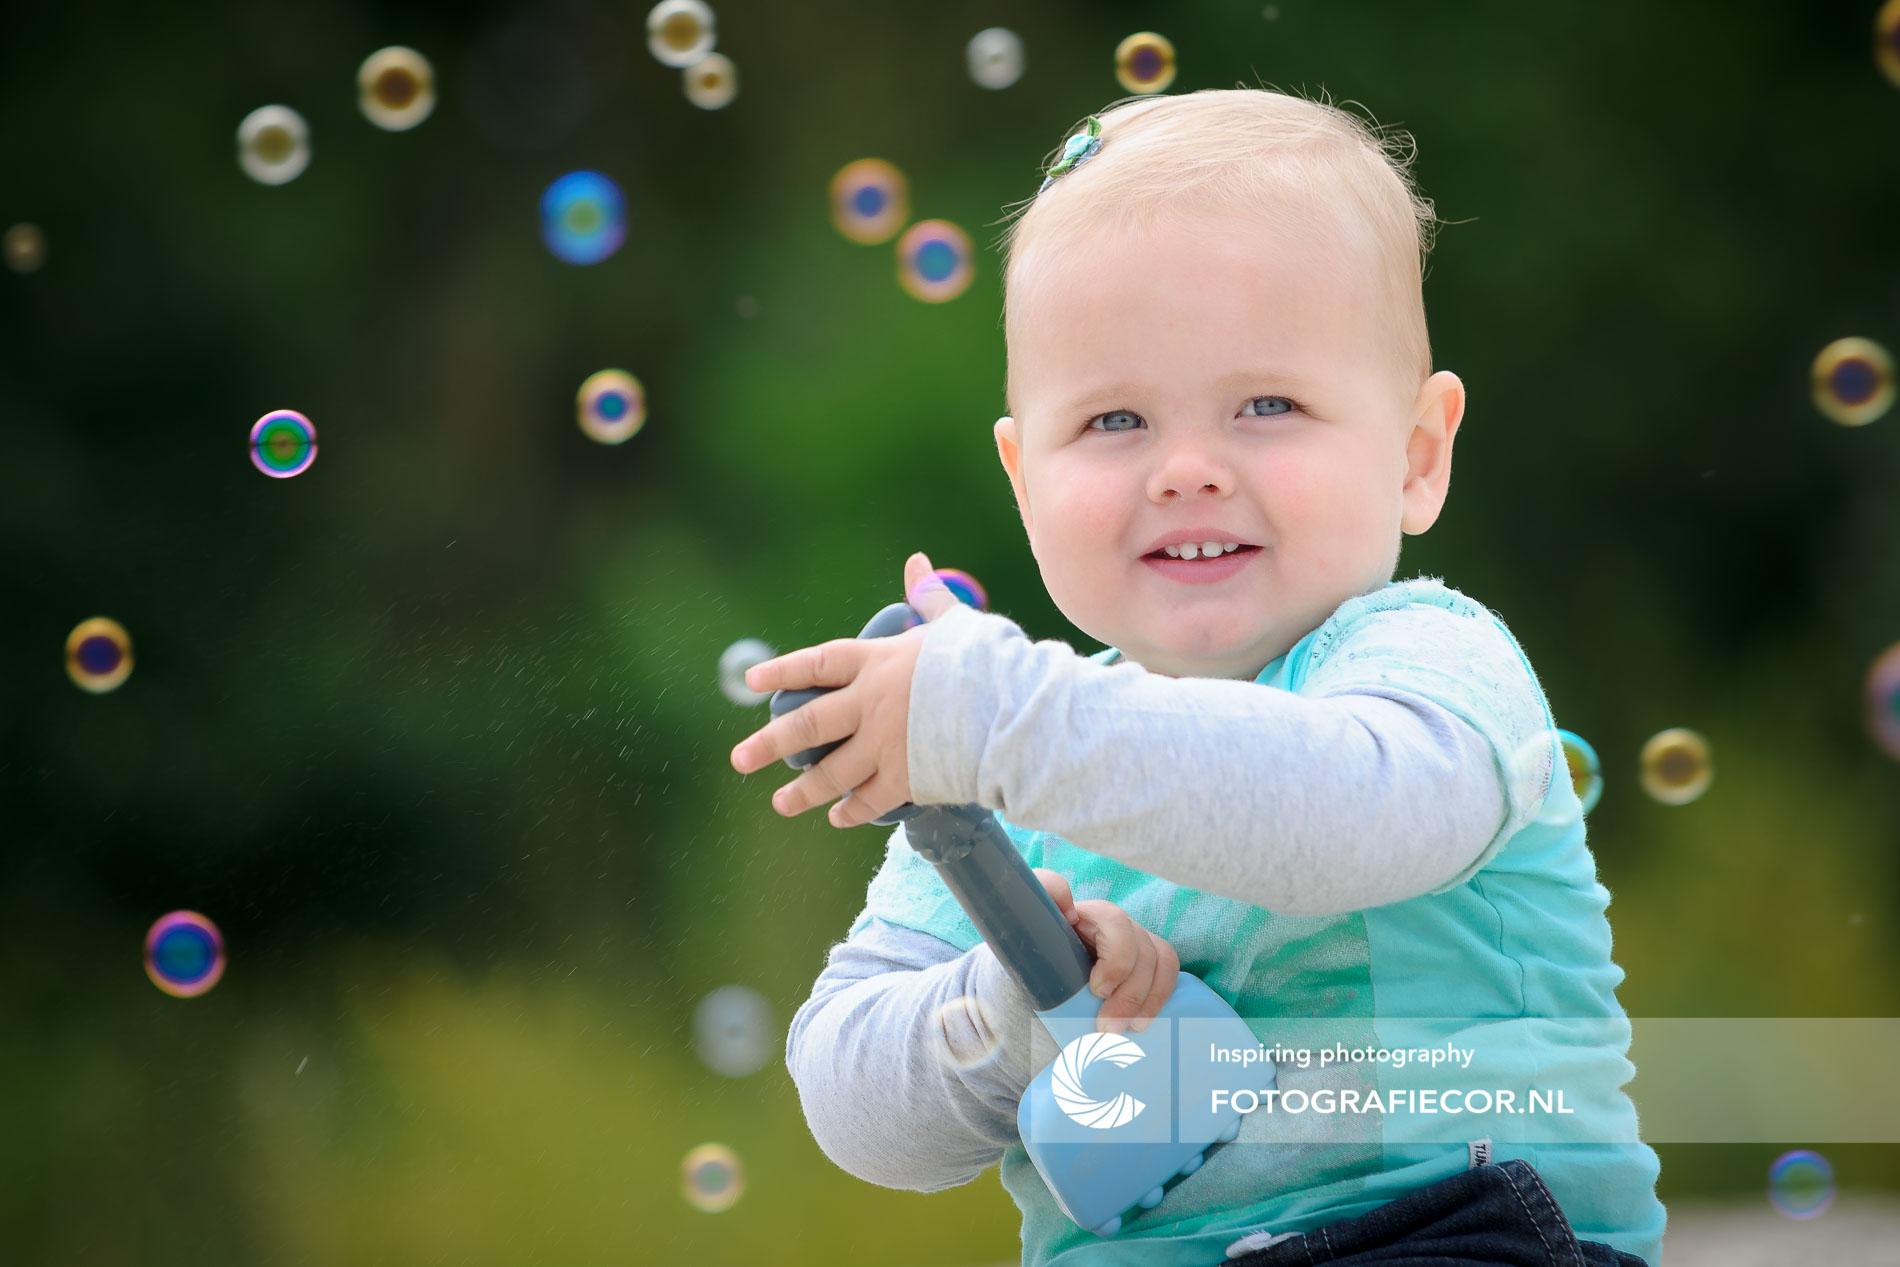 Gezinsfoto | Gezin | Vrolijke Baby fotografie met zeepbellen | foto